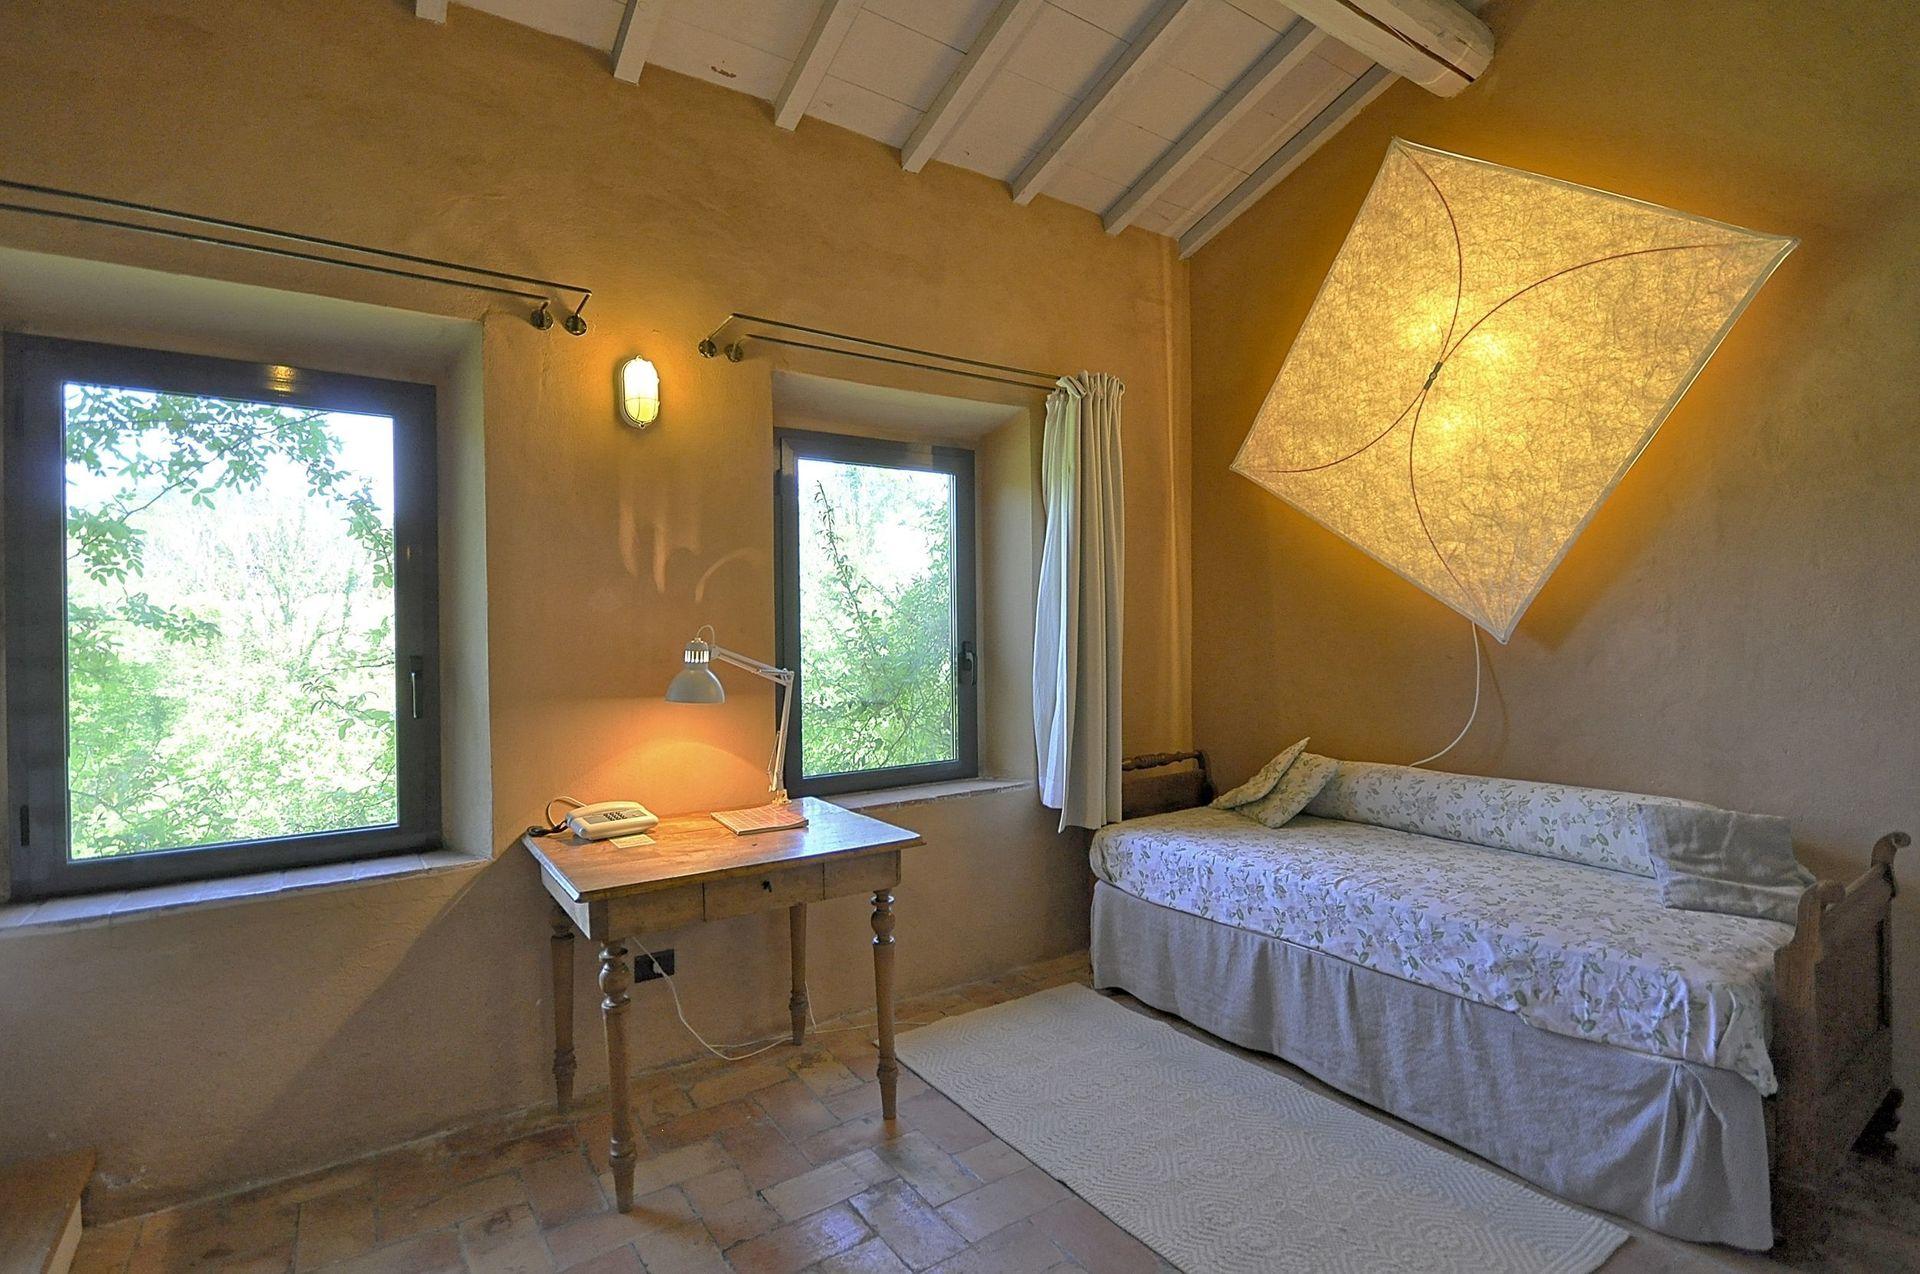 Villa oca casa vacanze con 14 posti letto in 7 camere for Branson cabin rentals 4 camere da letto